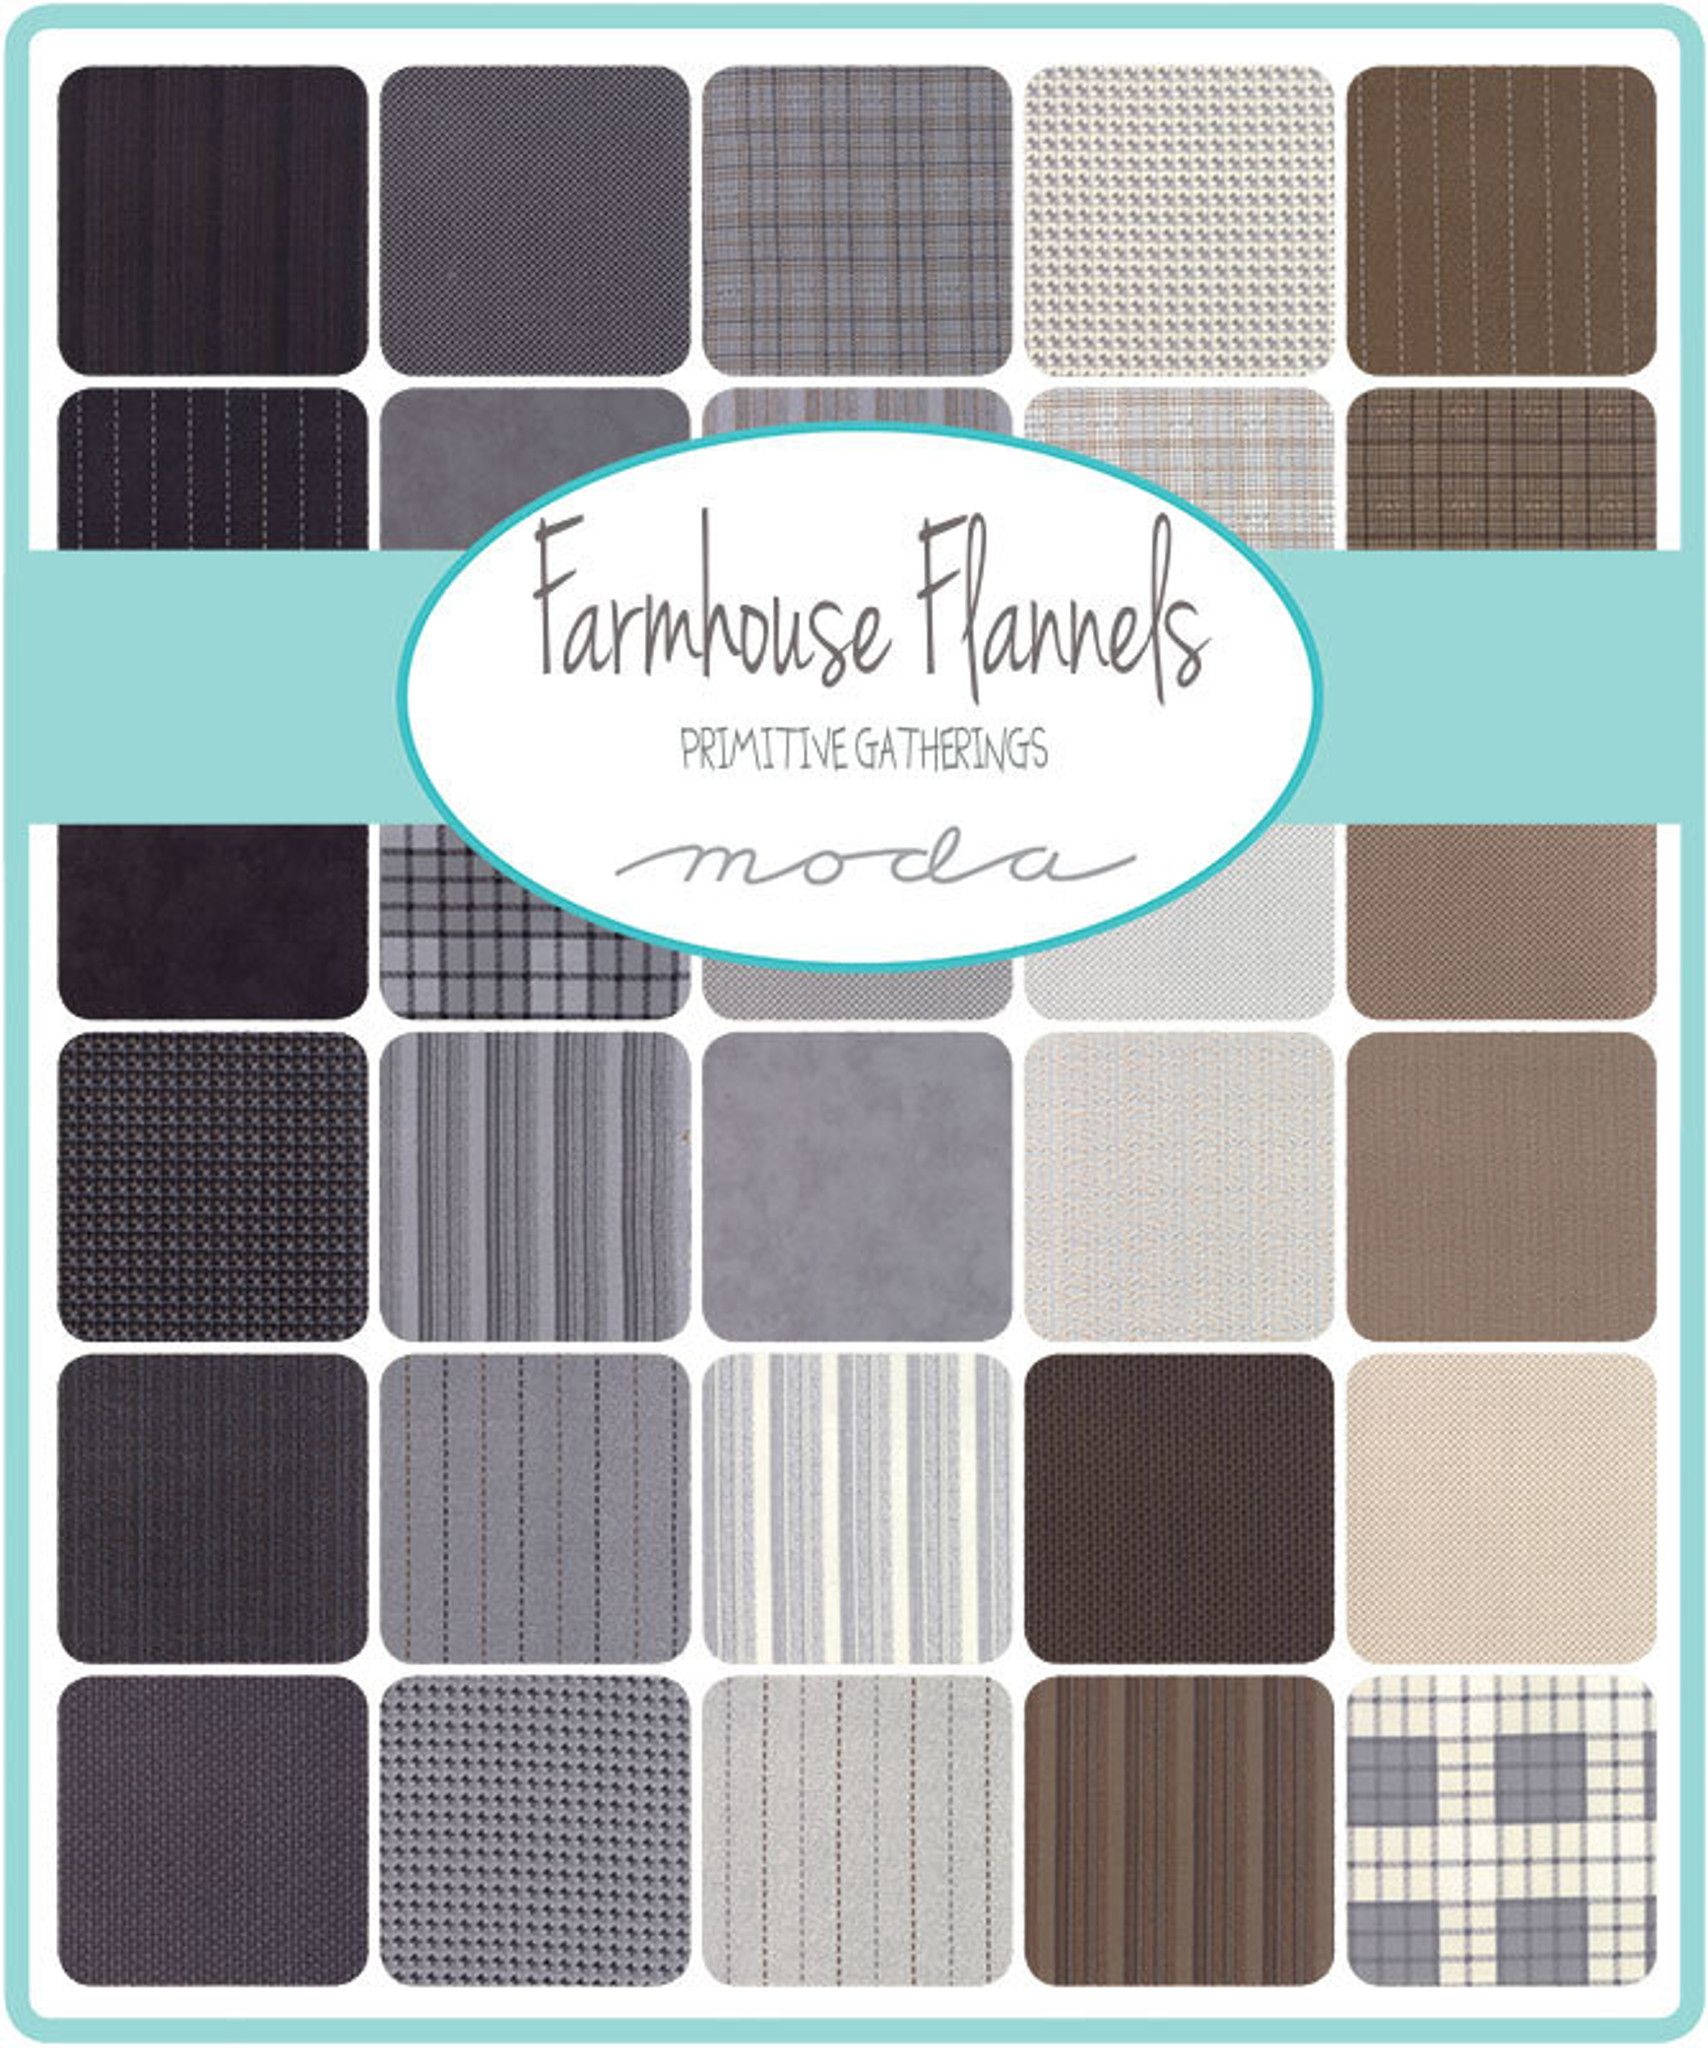 Farmhouse Flannels | Primitive Gatherings